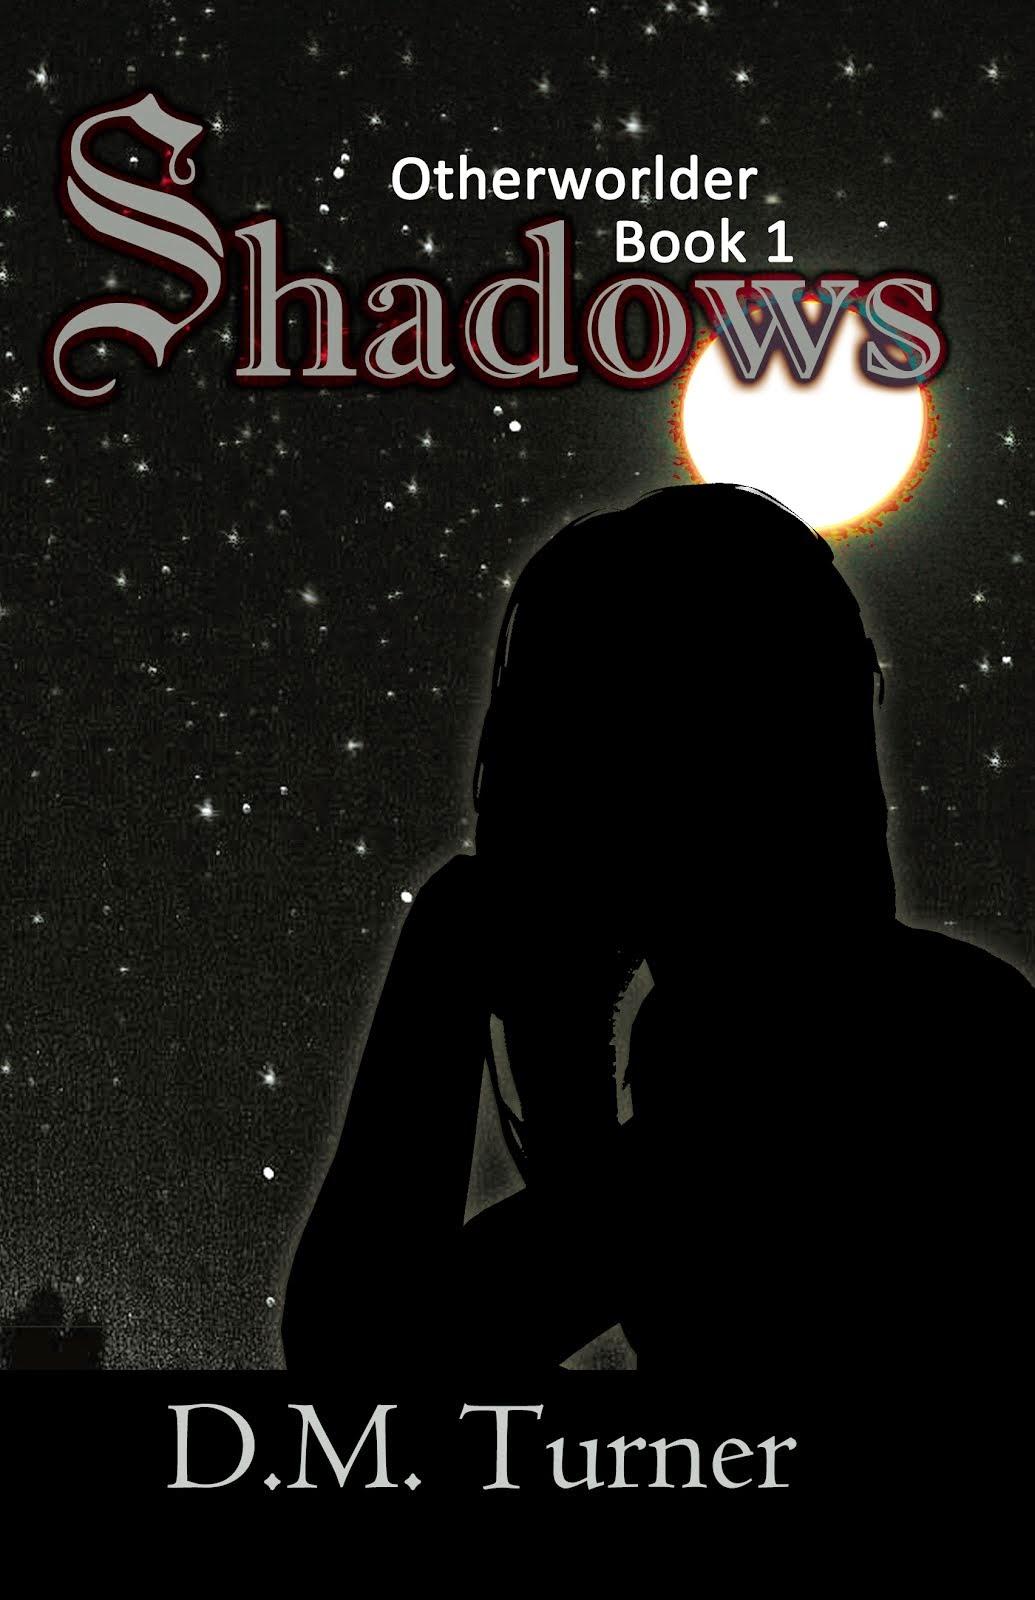 Shadows - Otherworlder Book 1